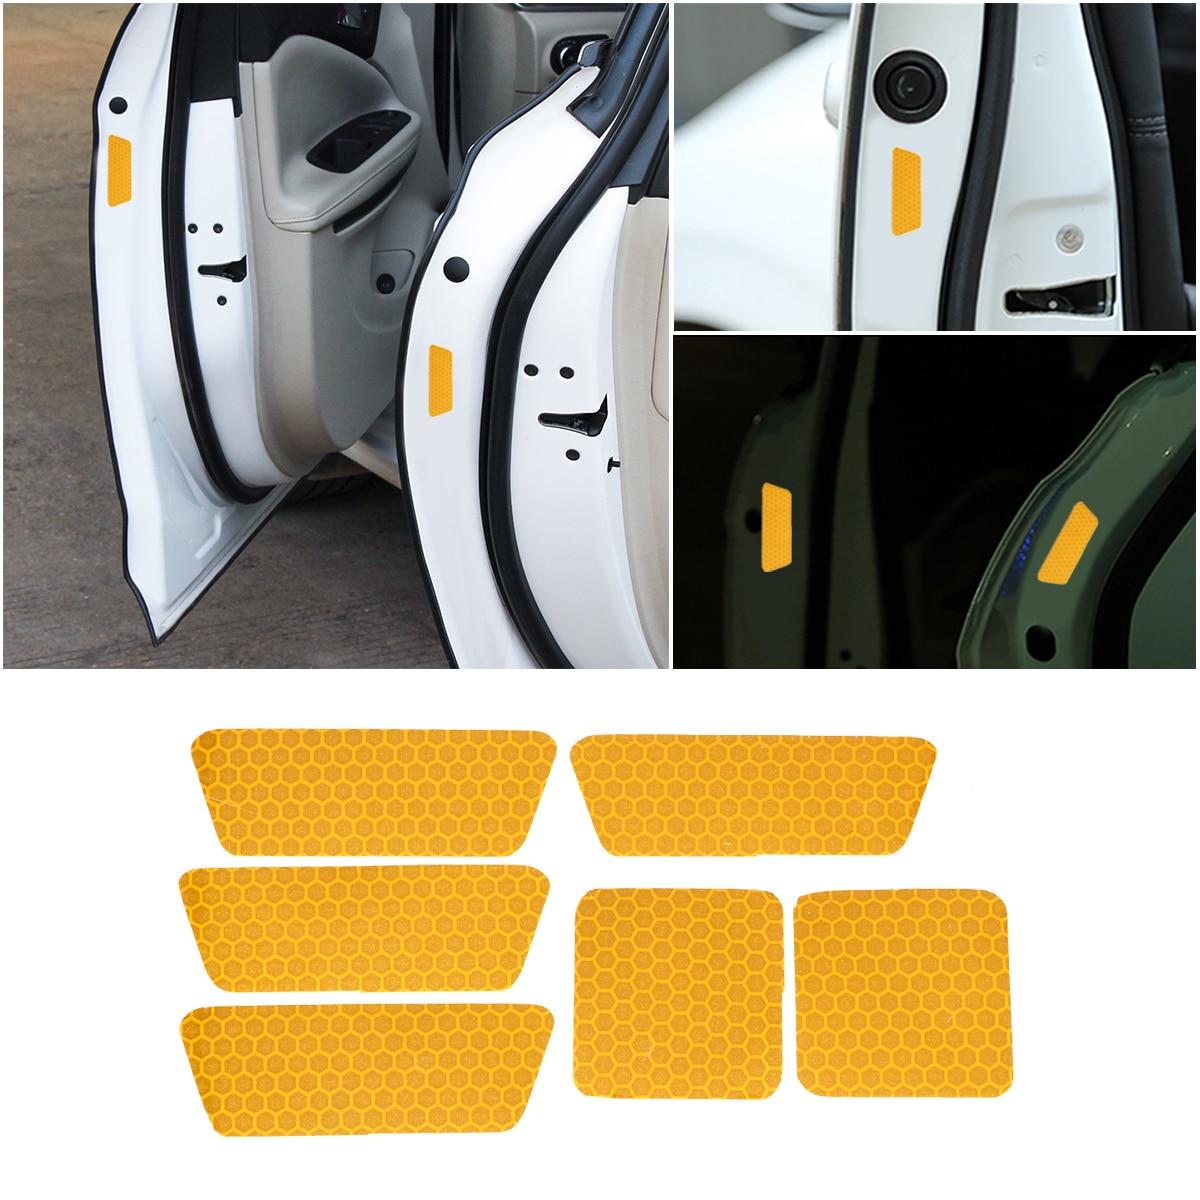 [해외]4PCS Reflective Car Stickers Wheel Brows Car Door Stickers Anti-Collision Reflective Bar Golden Night Warning Sticker/4PCS Reflective Car Stickers